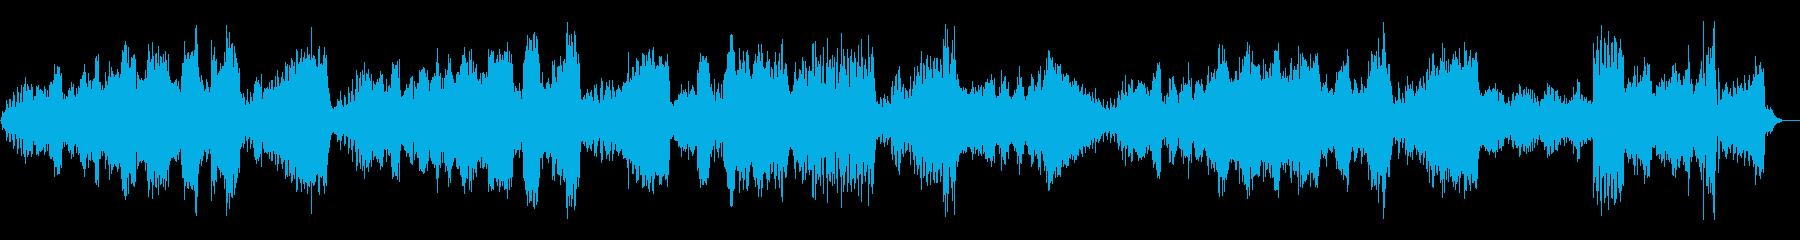 テンペスト 第三楽章 ベートーヴェンの再生済みの波形